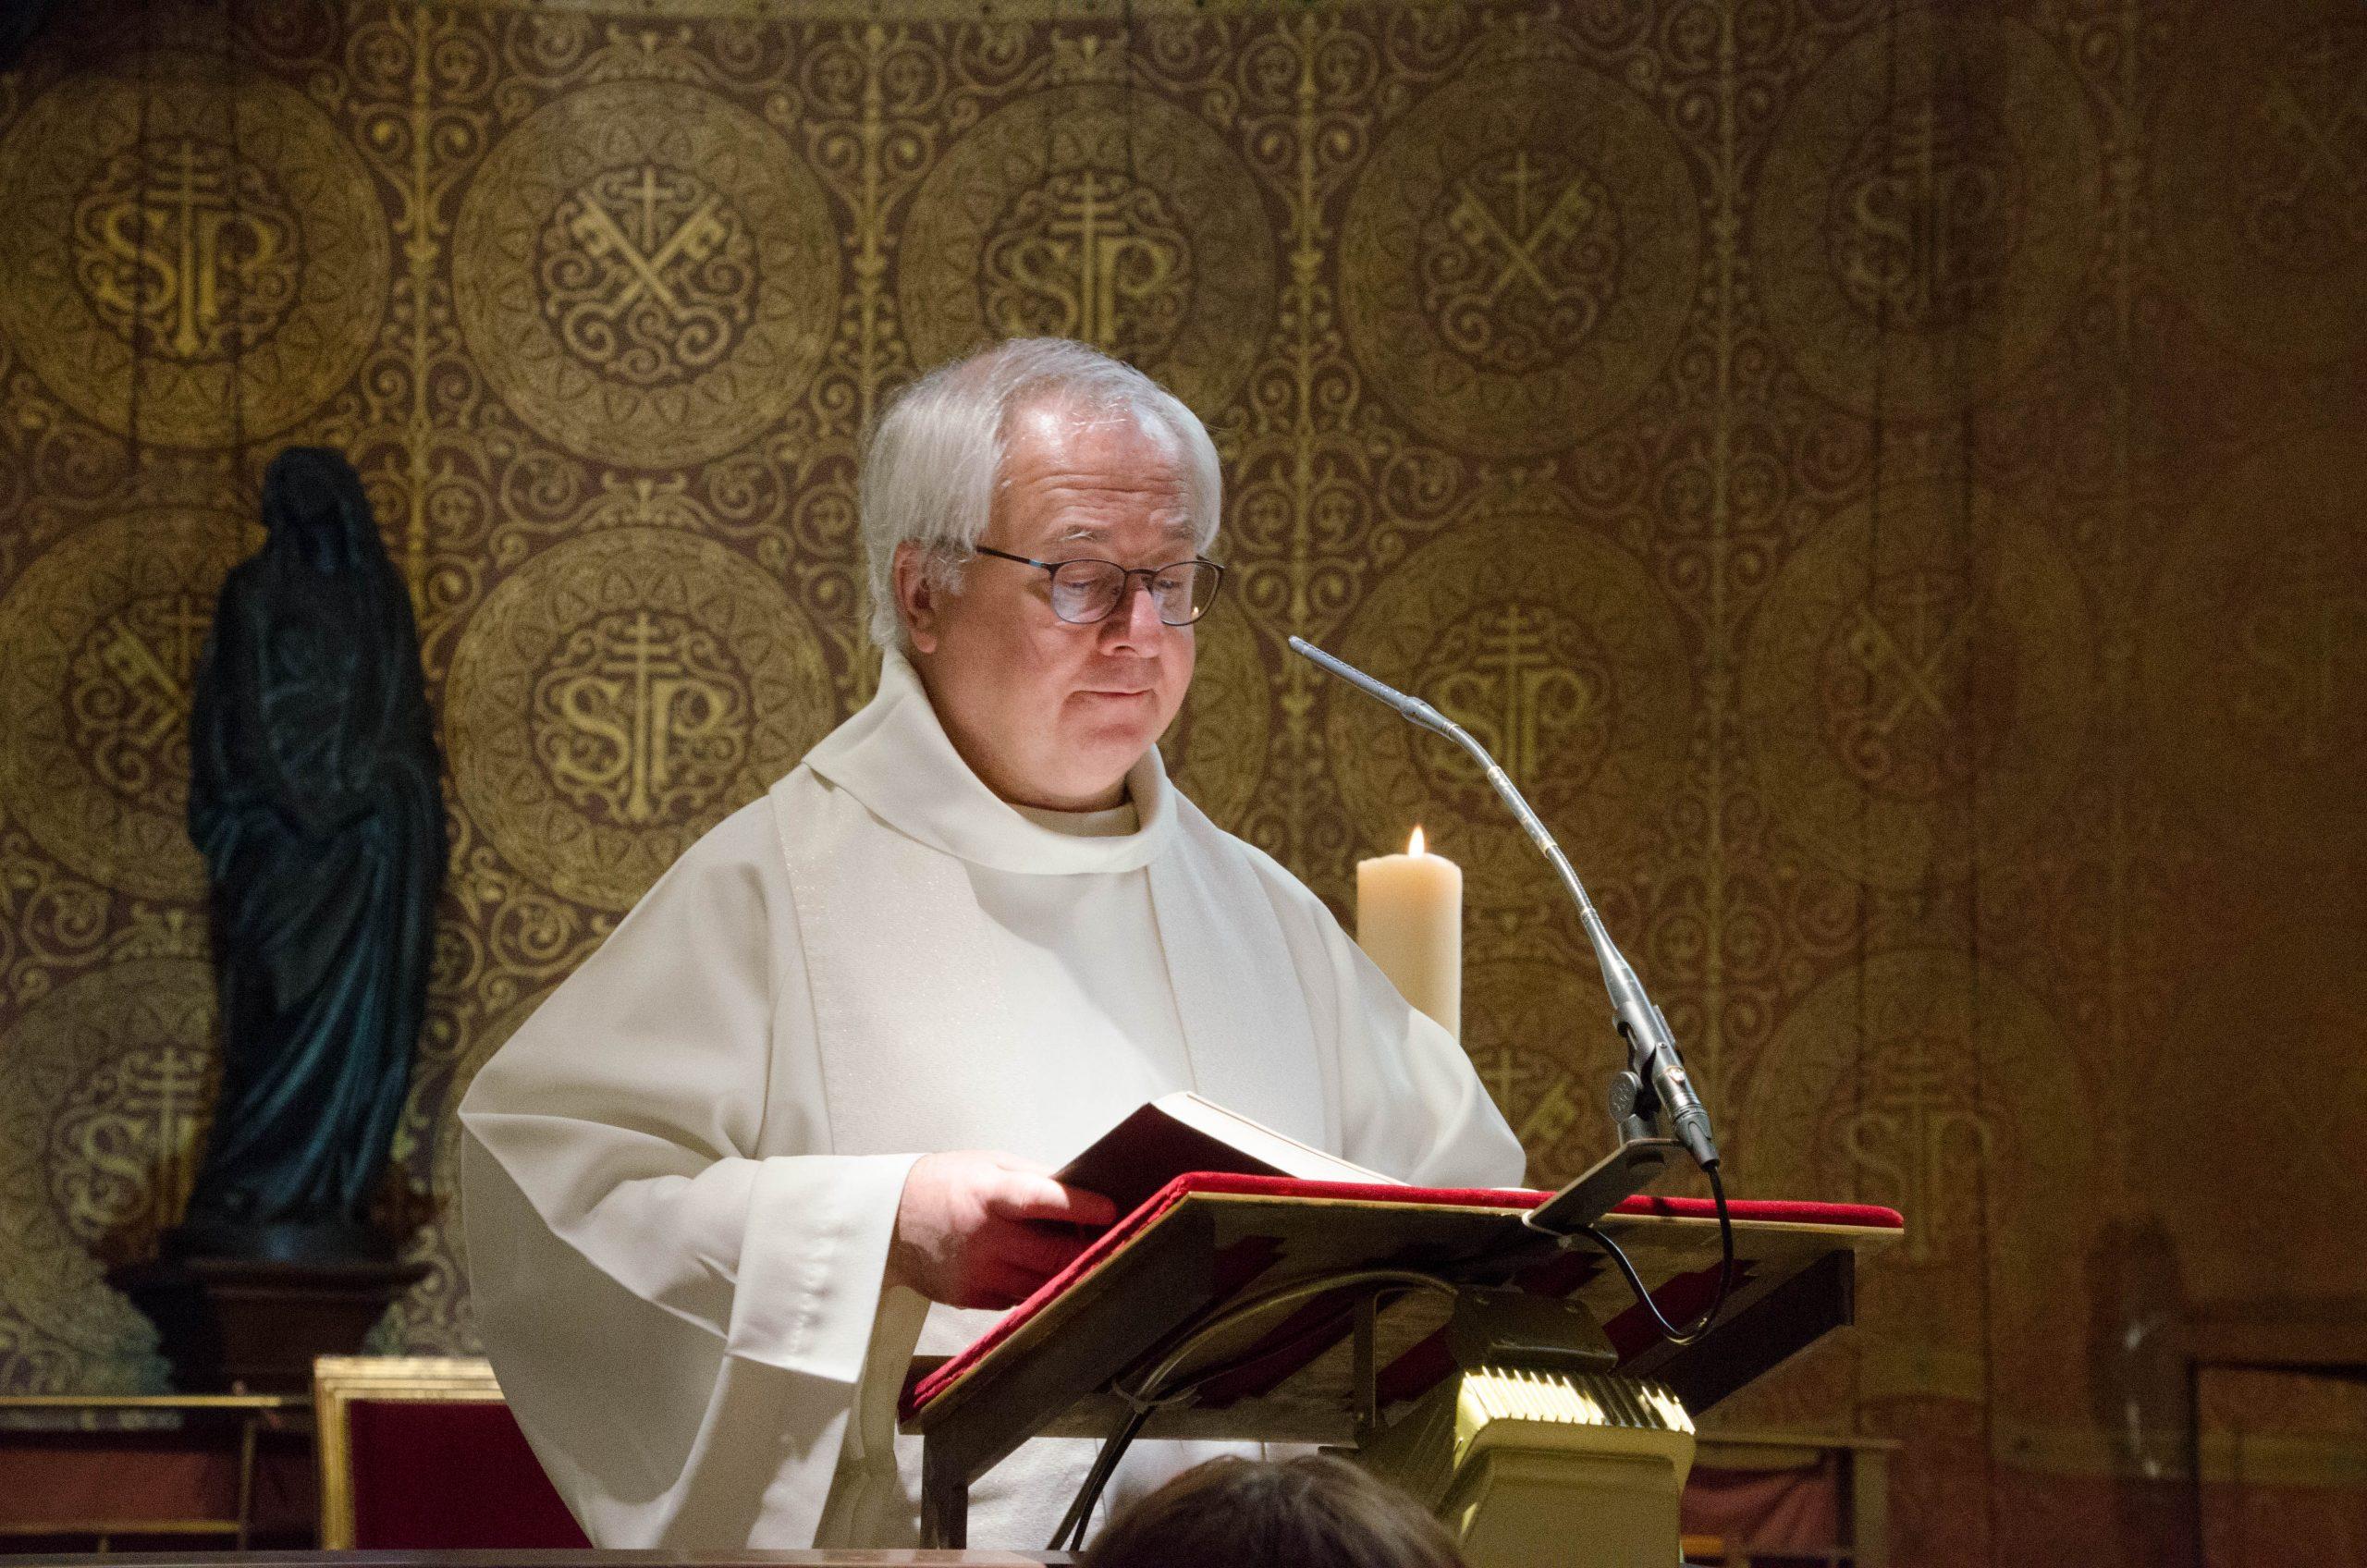 Messe du 11 Octobre : Homélie du Père Marc Dumoulin, vicaire.